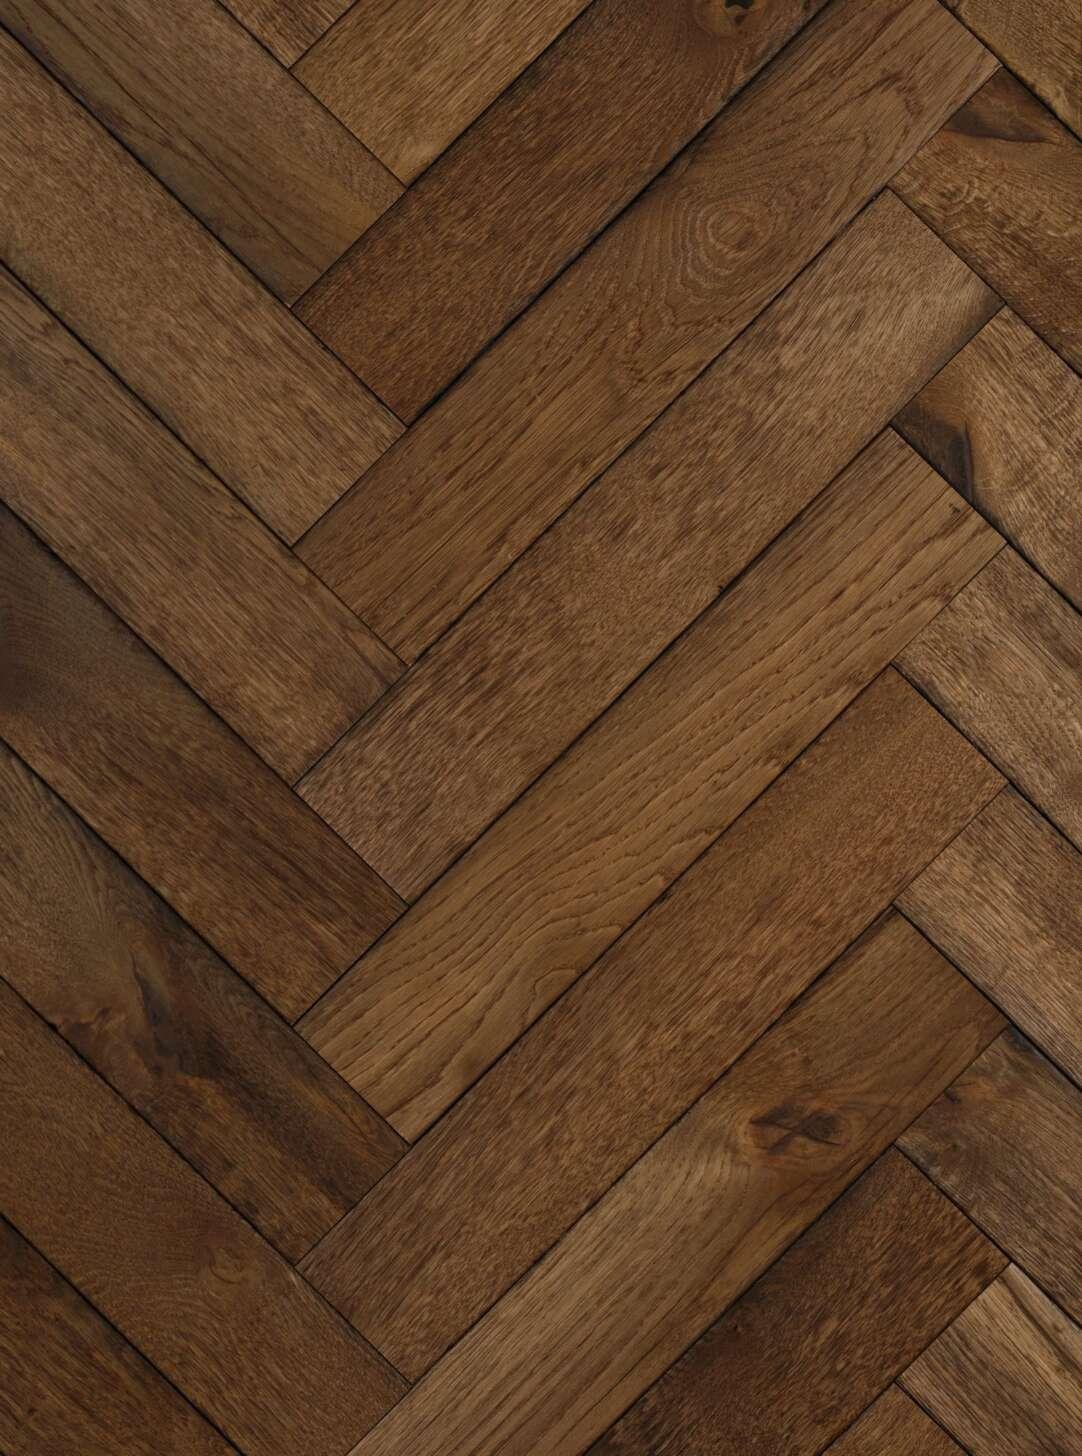 Dark oak herringbone flooring magma kamchatka